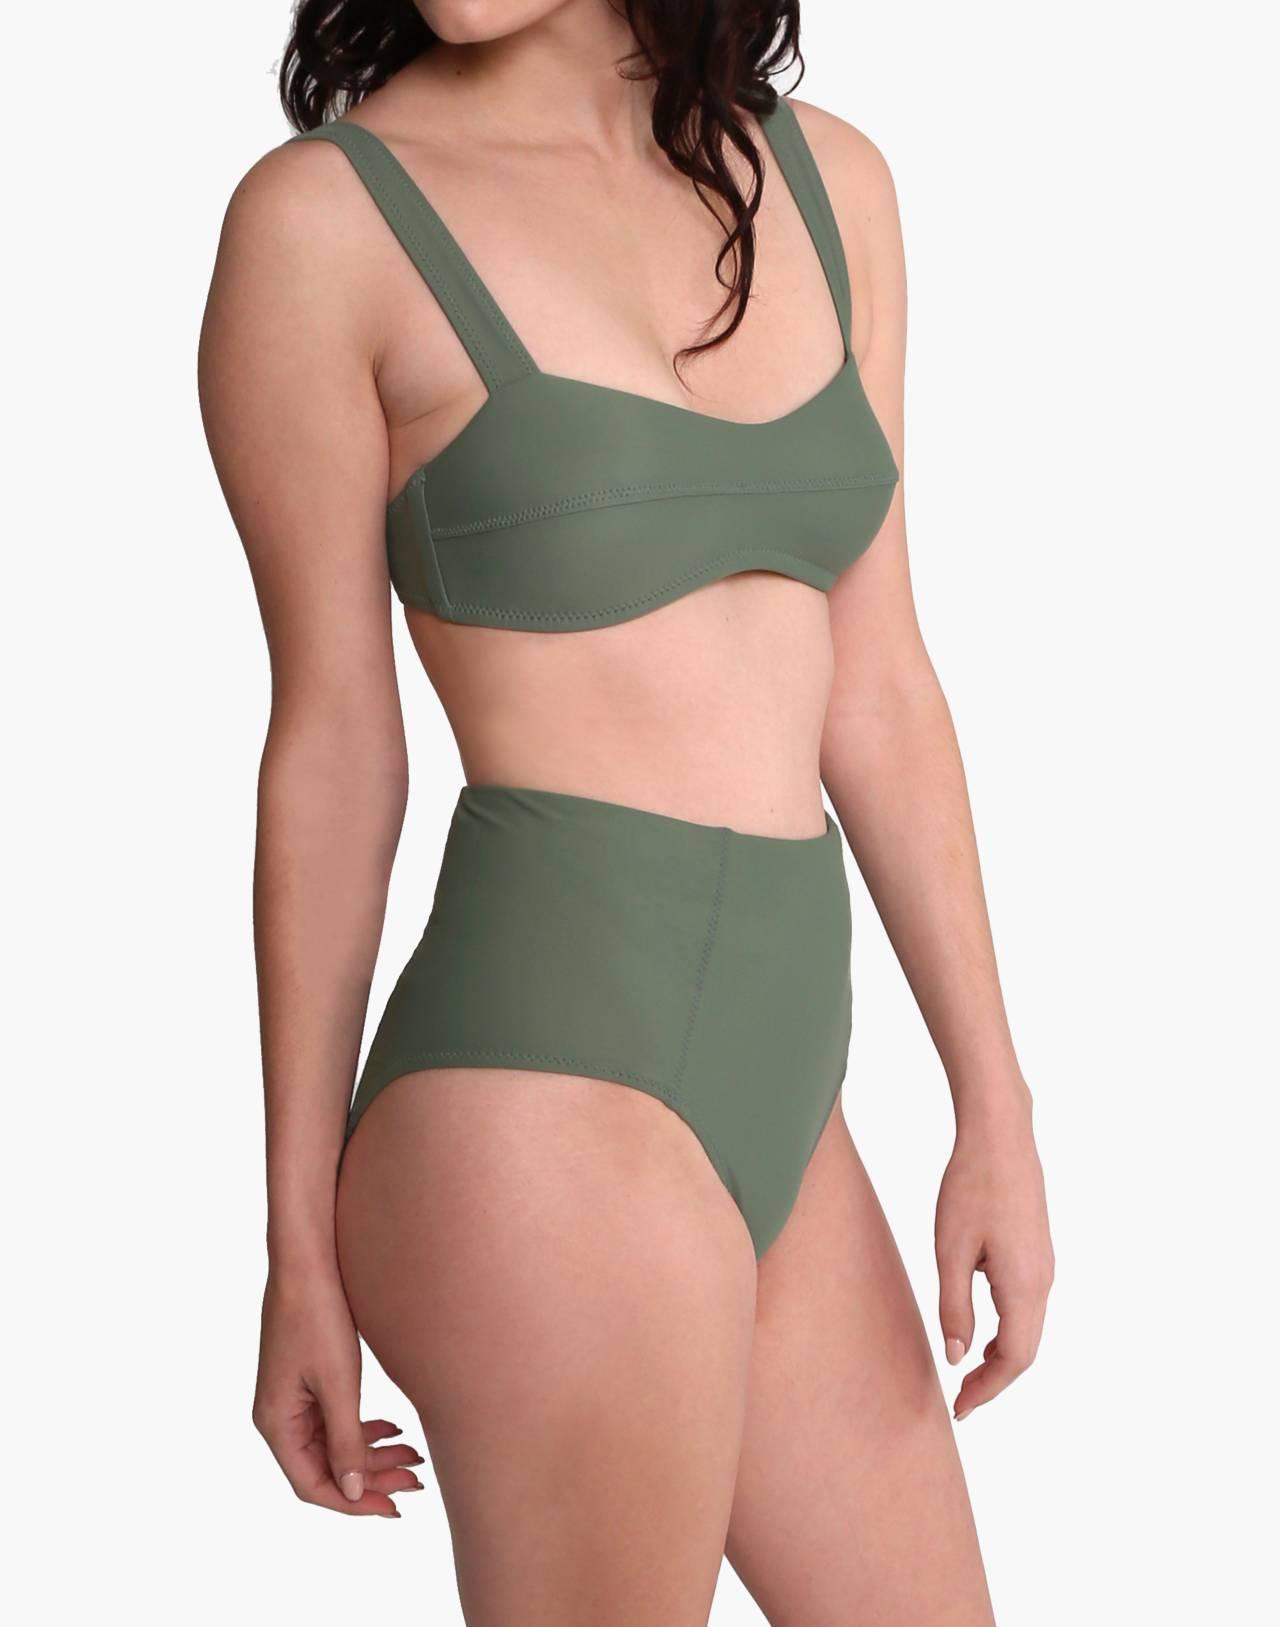 GALAMAAR® Lou Bandeau Bikini Top in green image 2